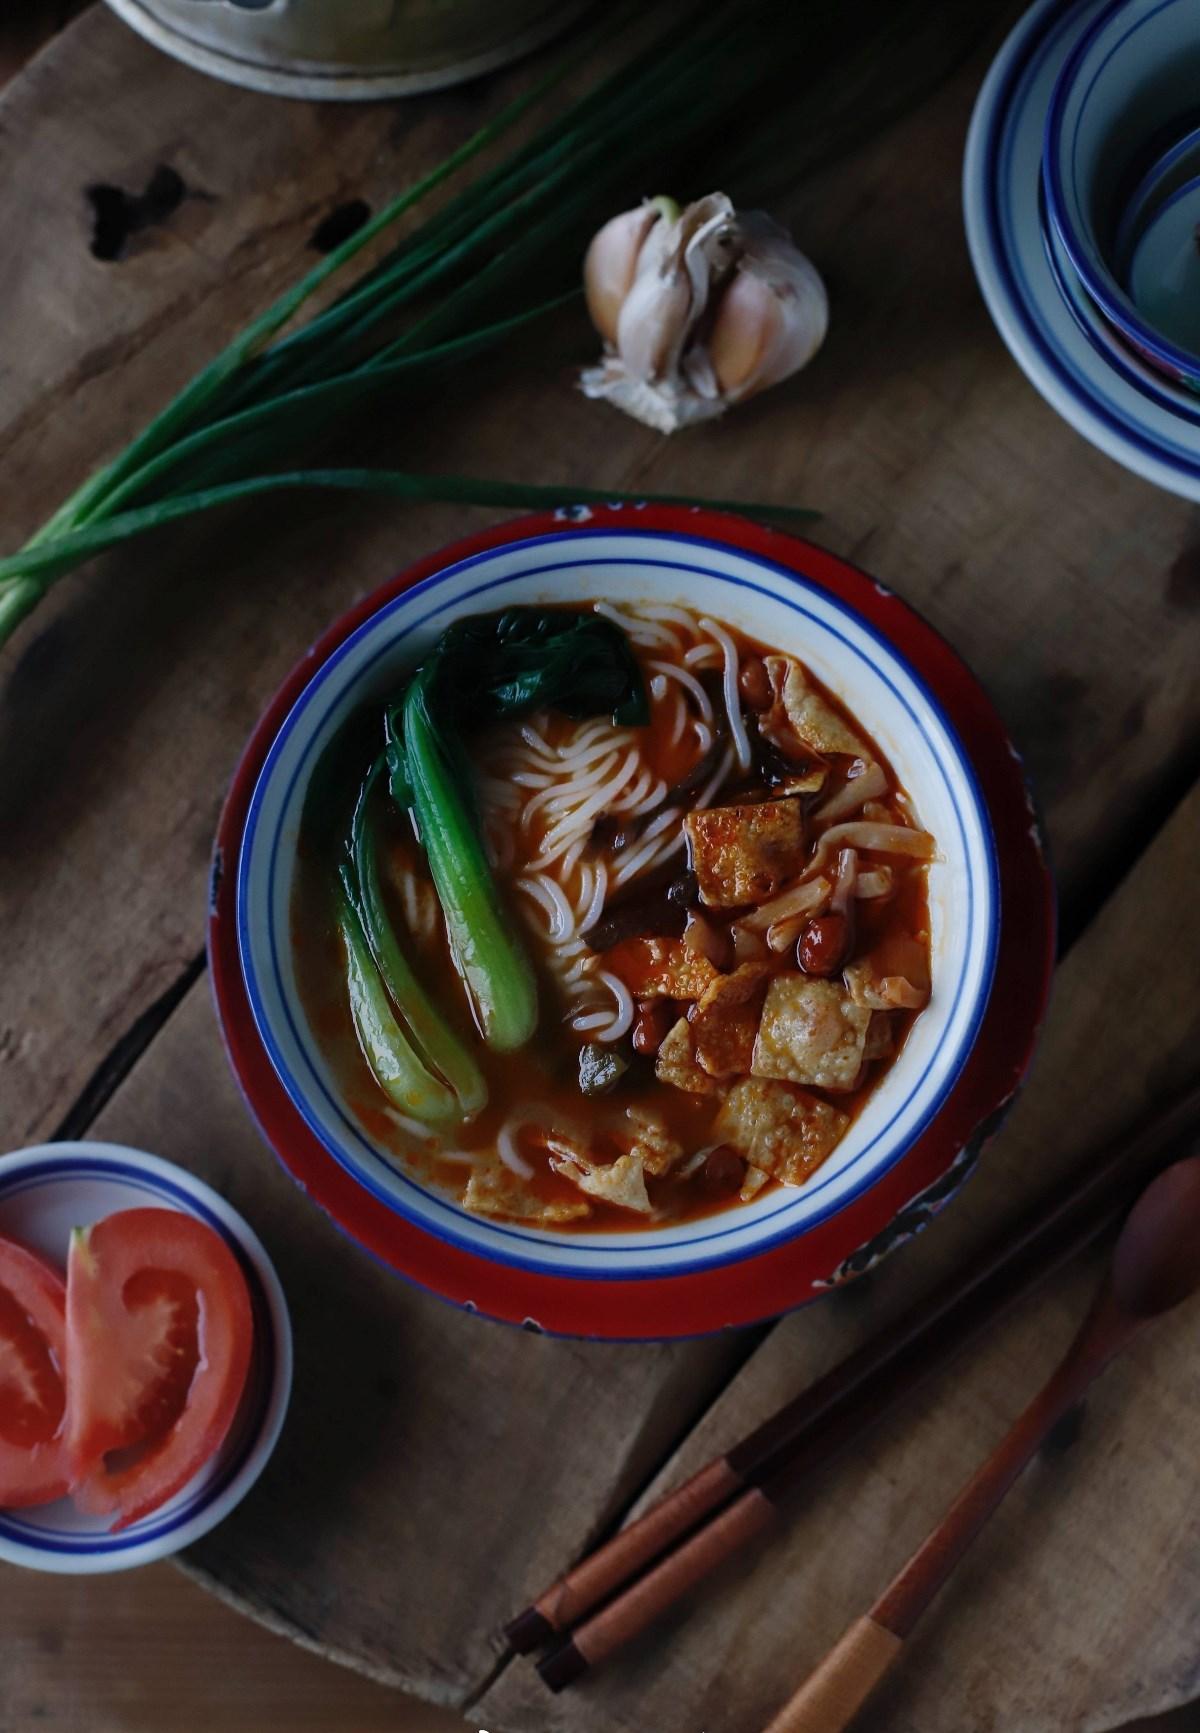 电商食品摄影/武汉中餐美食摄影 一碗有温度的米线